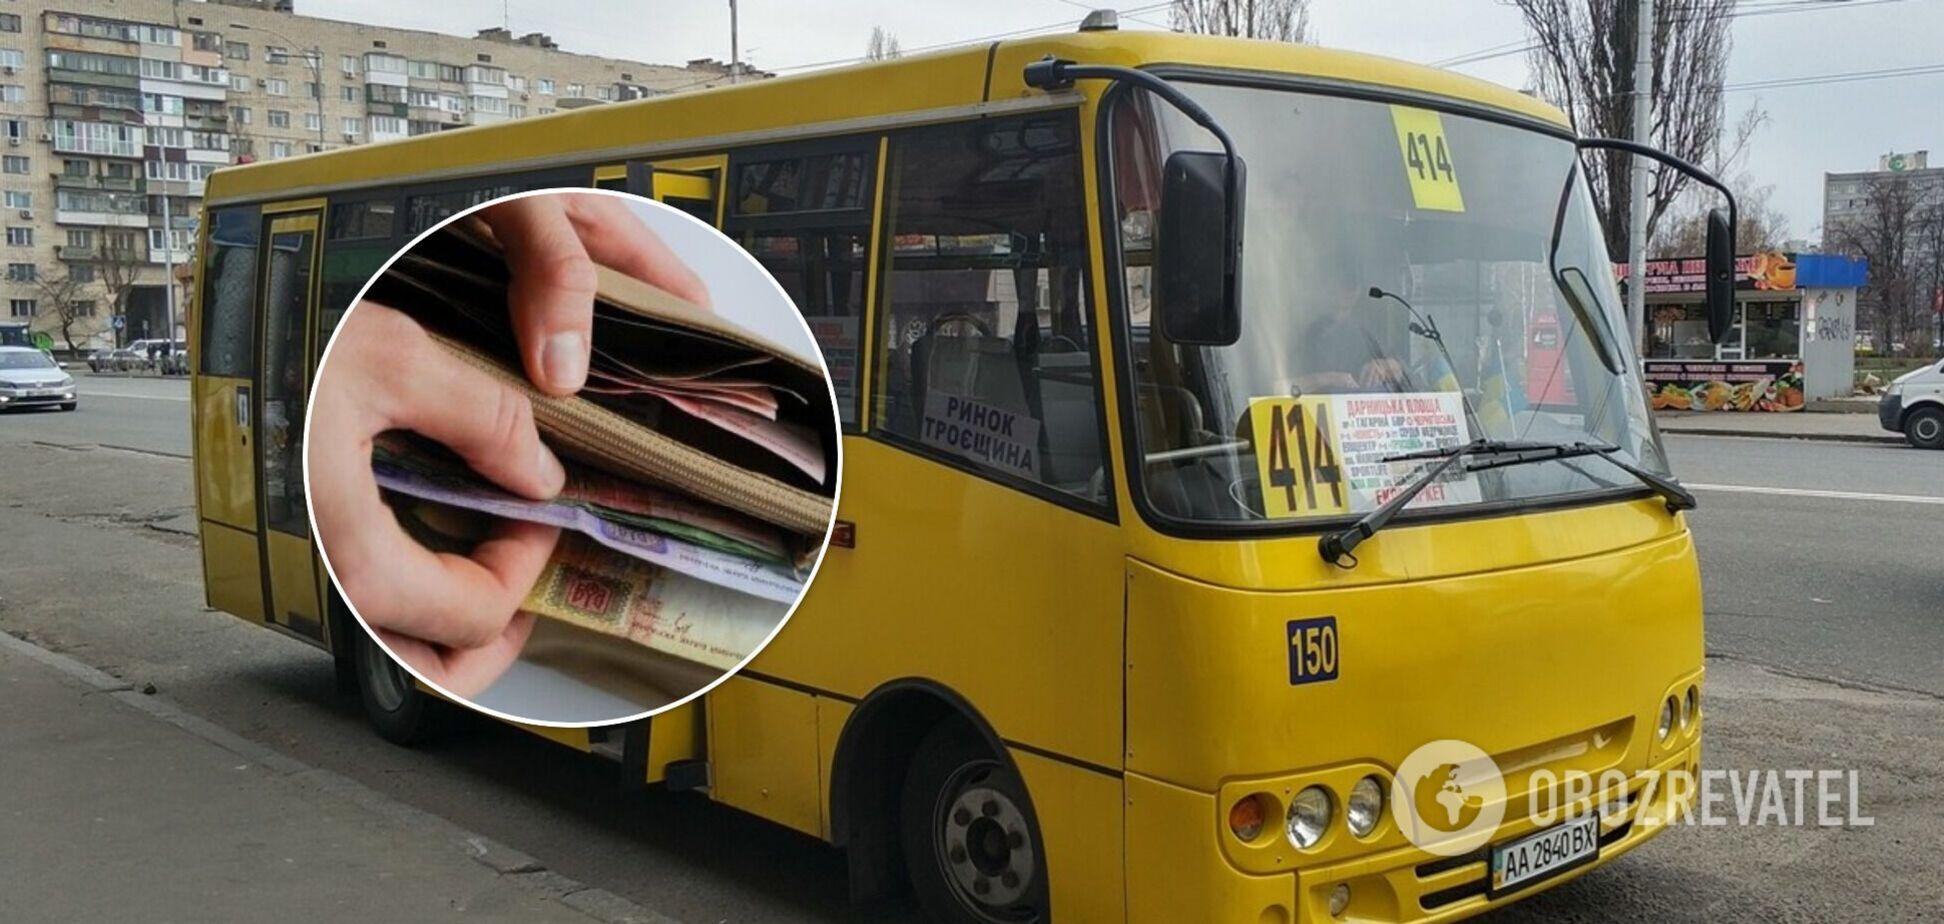 Появился список маршруток Киева, в которых подорожал проезд